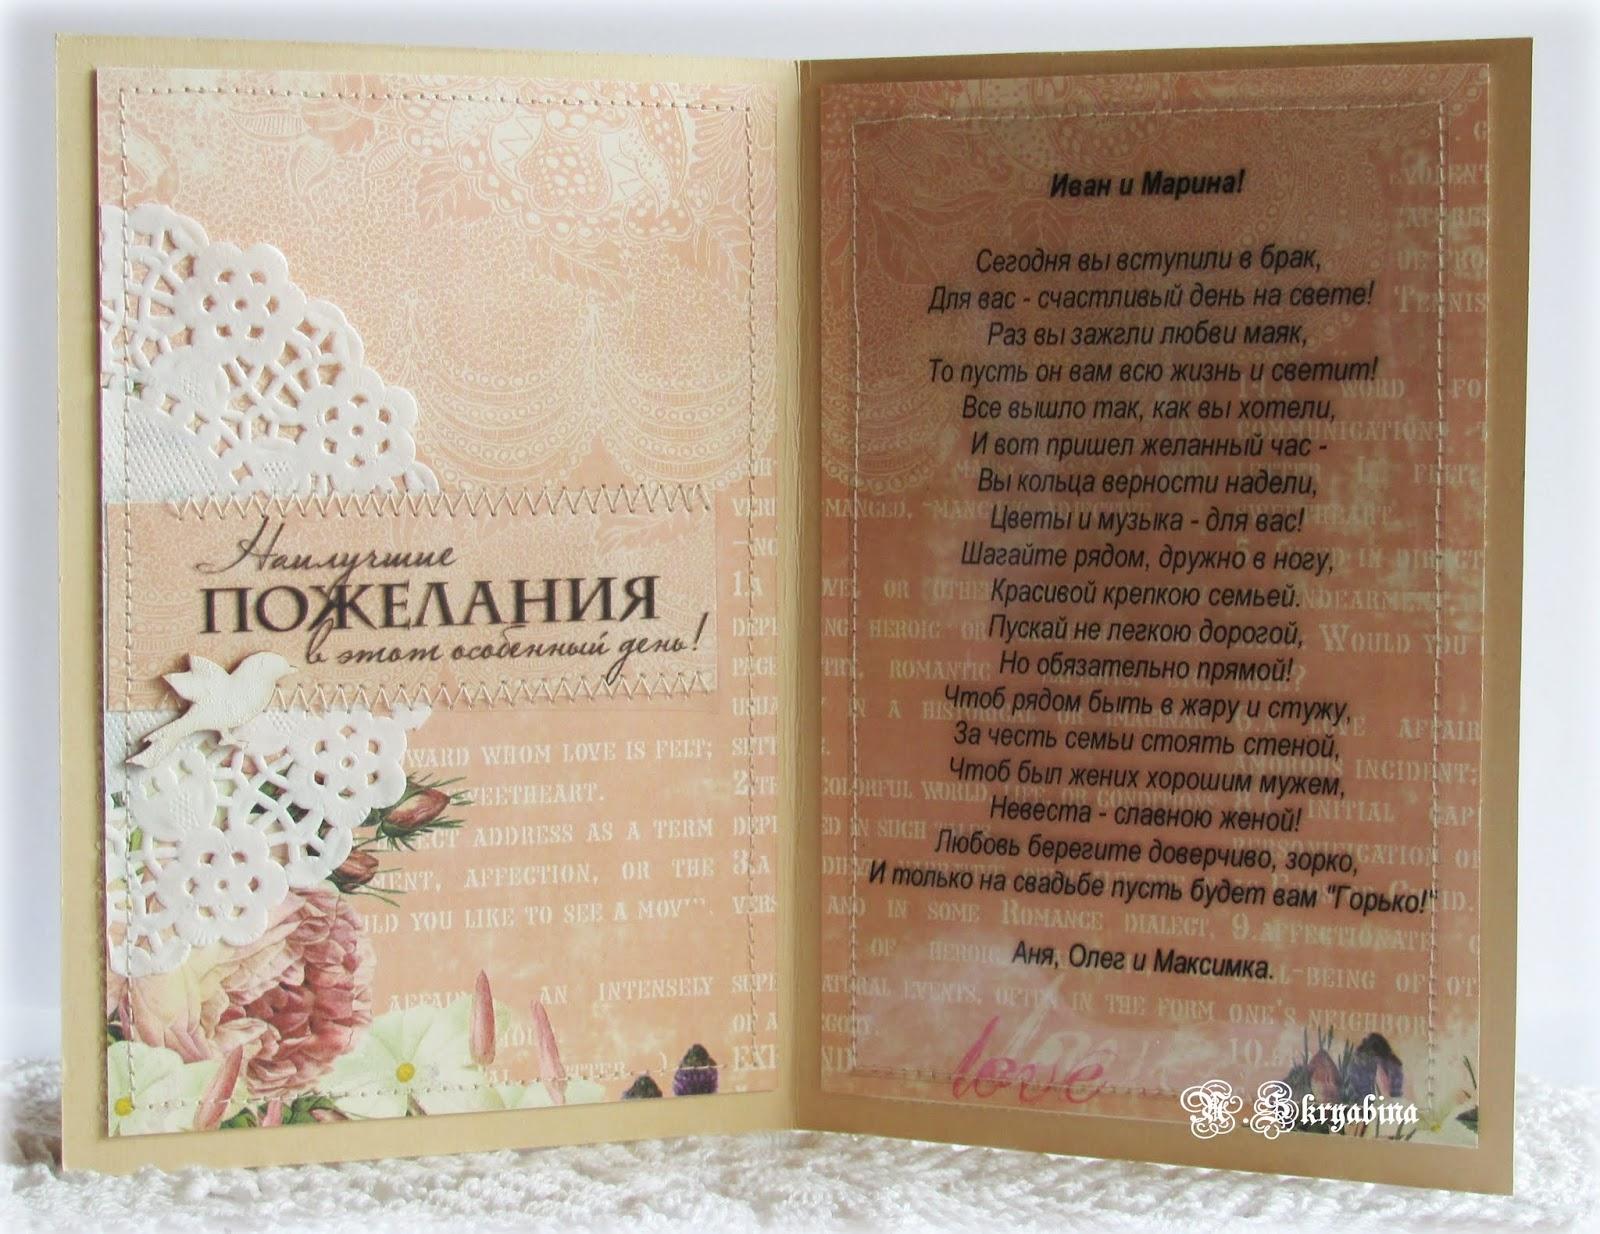 Поздравления брату на свадьбу от брата в стихах красивые 77